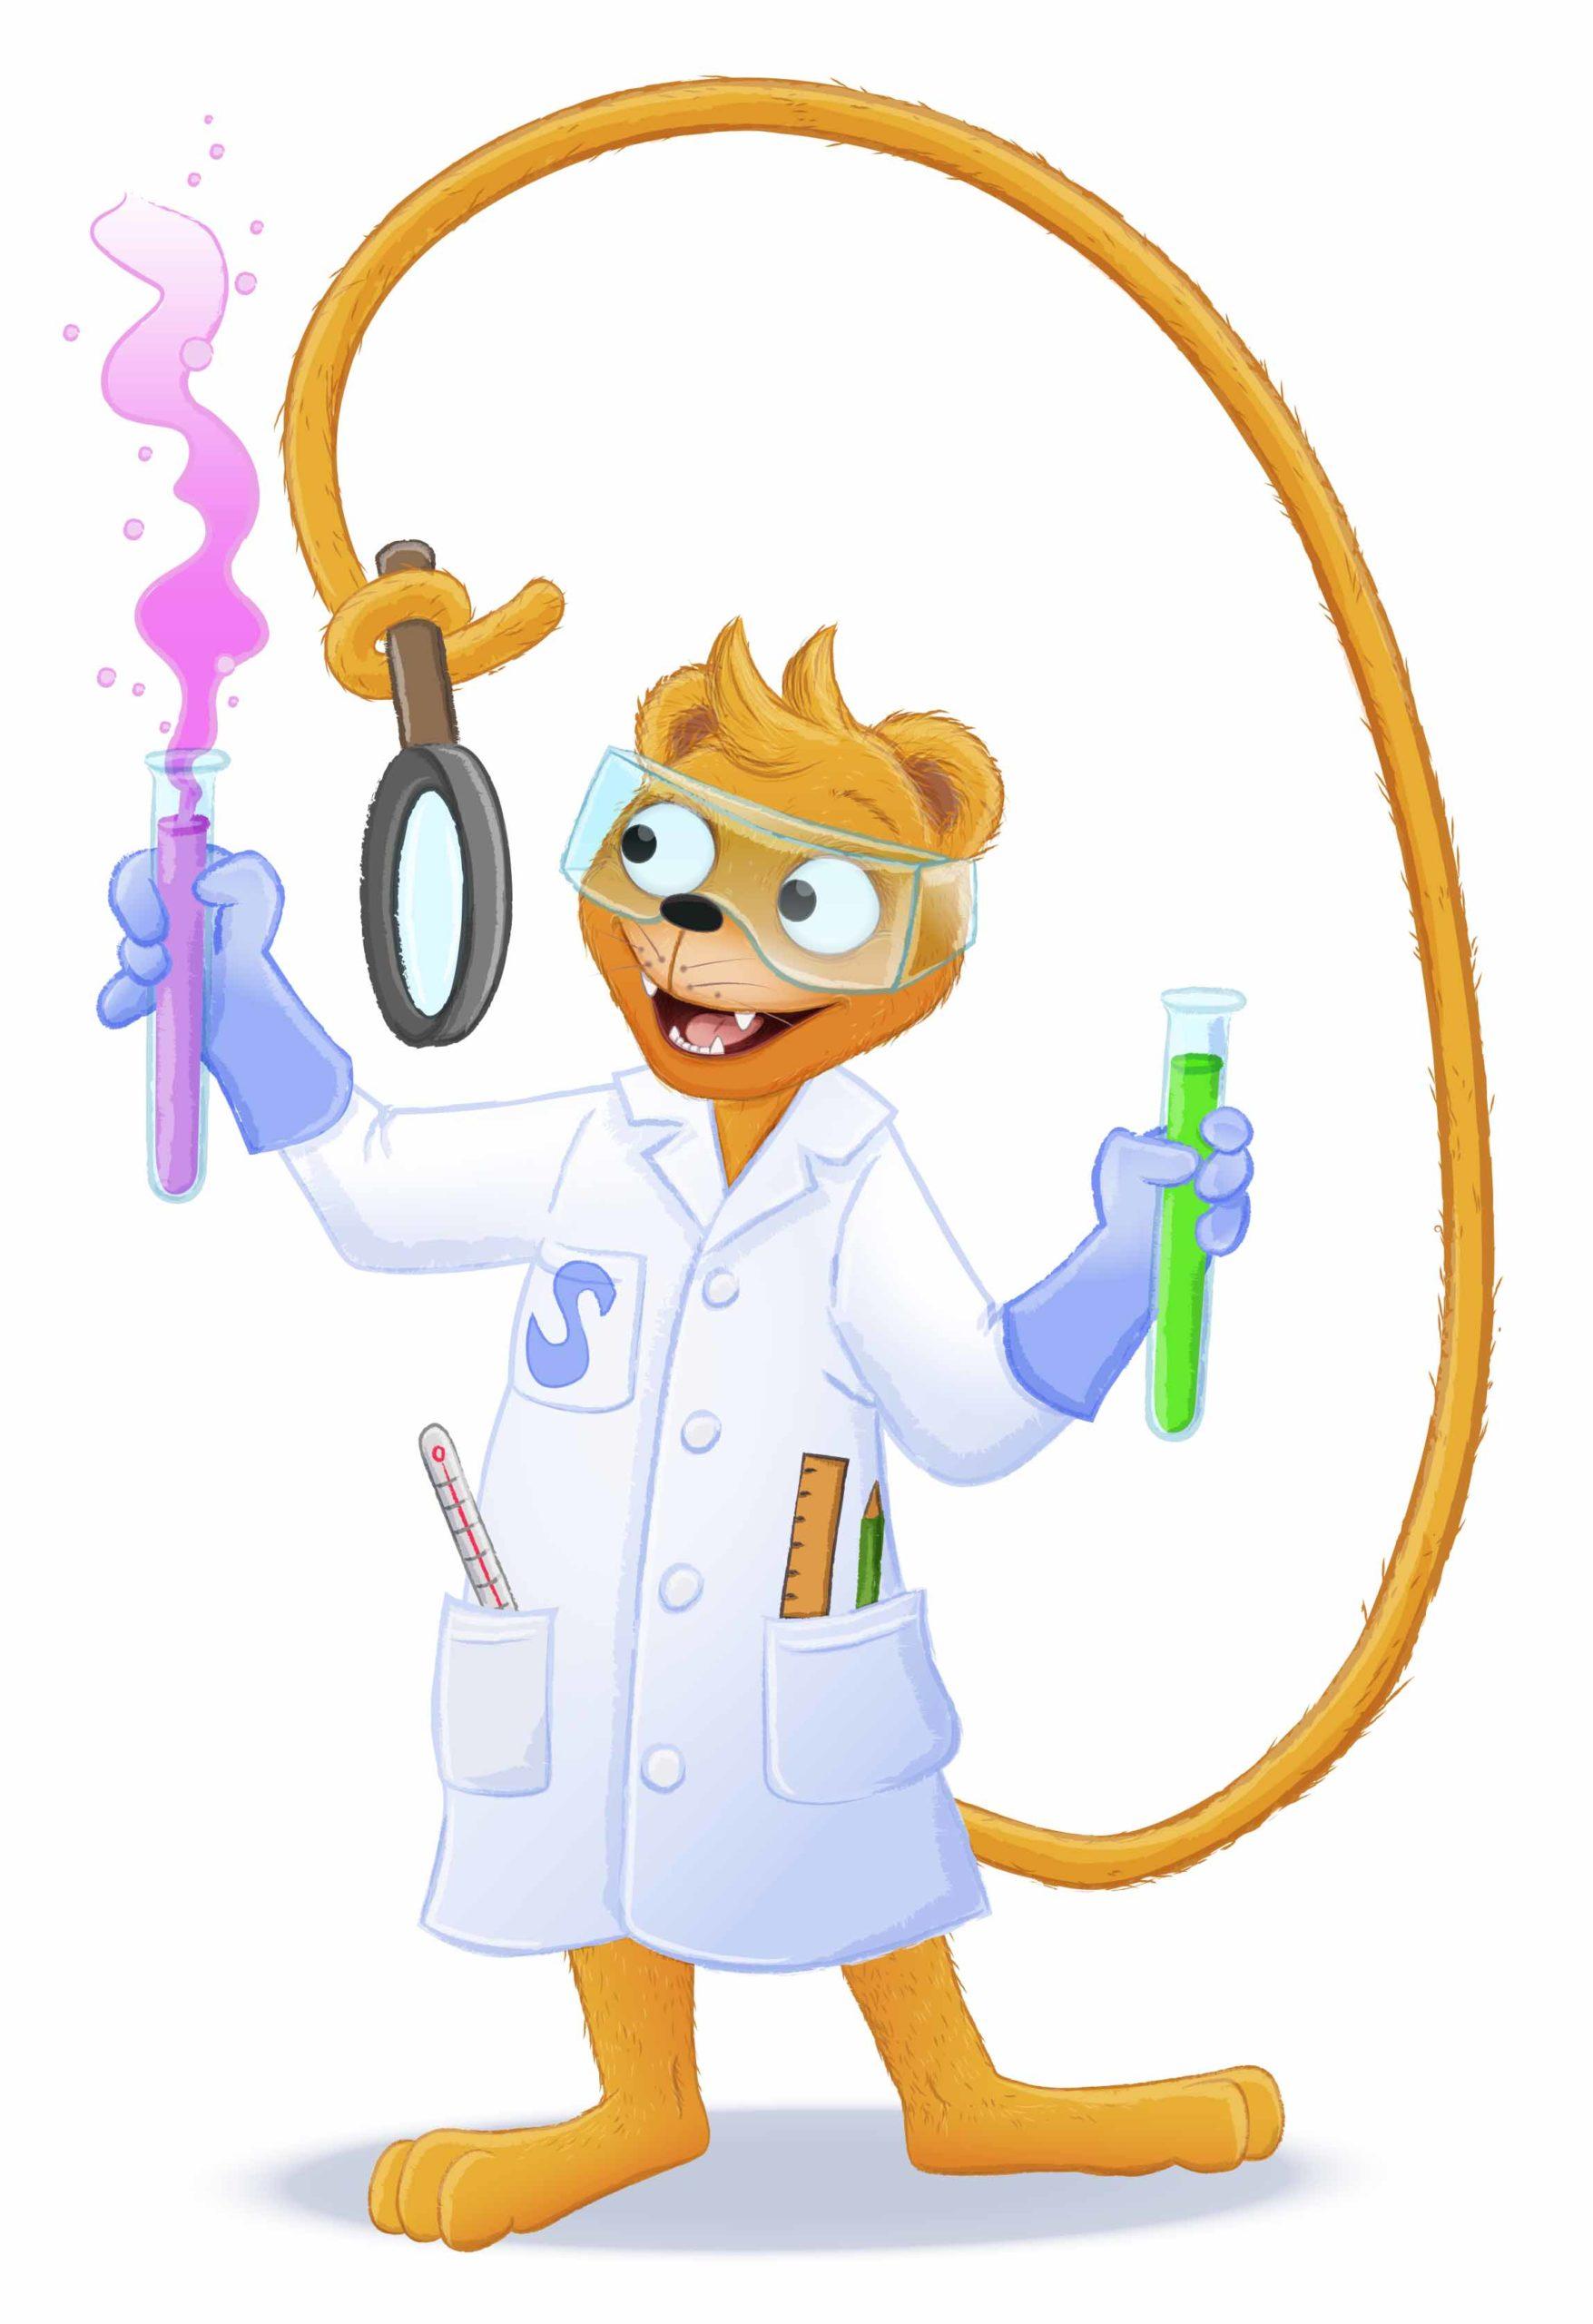 Simson als Forscher mit Reagenzgläsern und Lupe